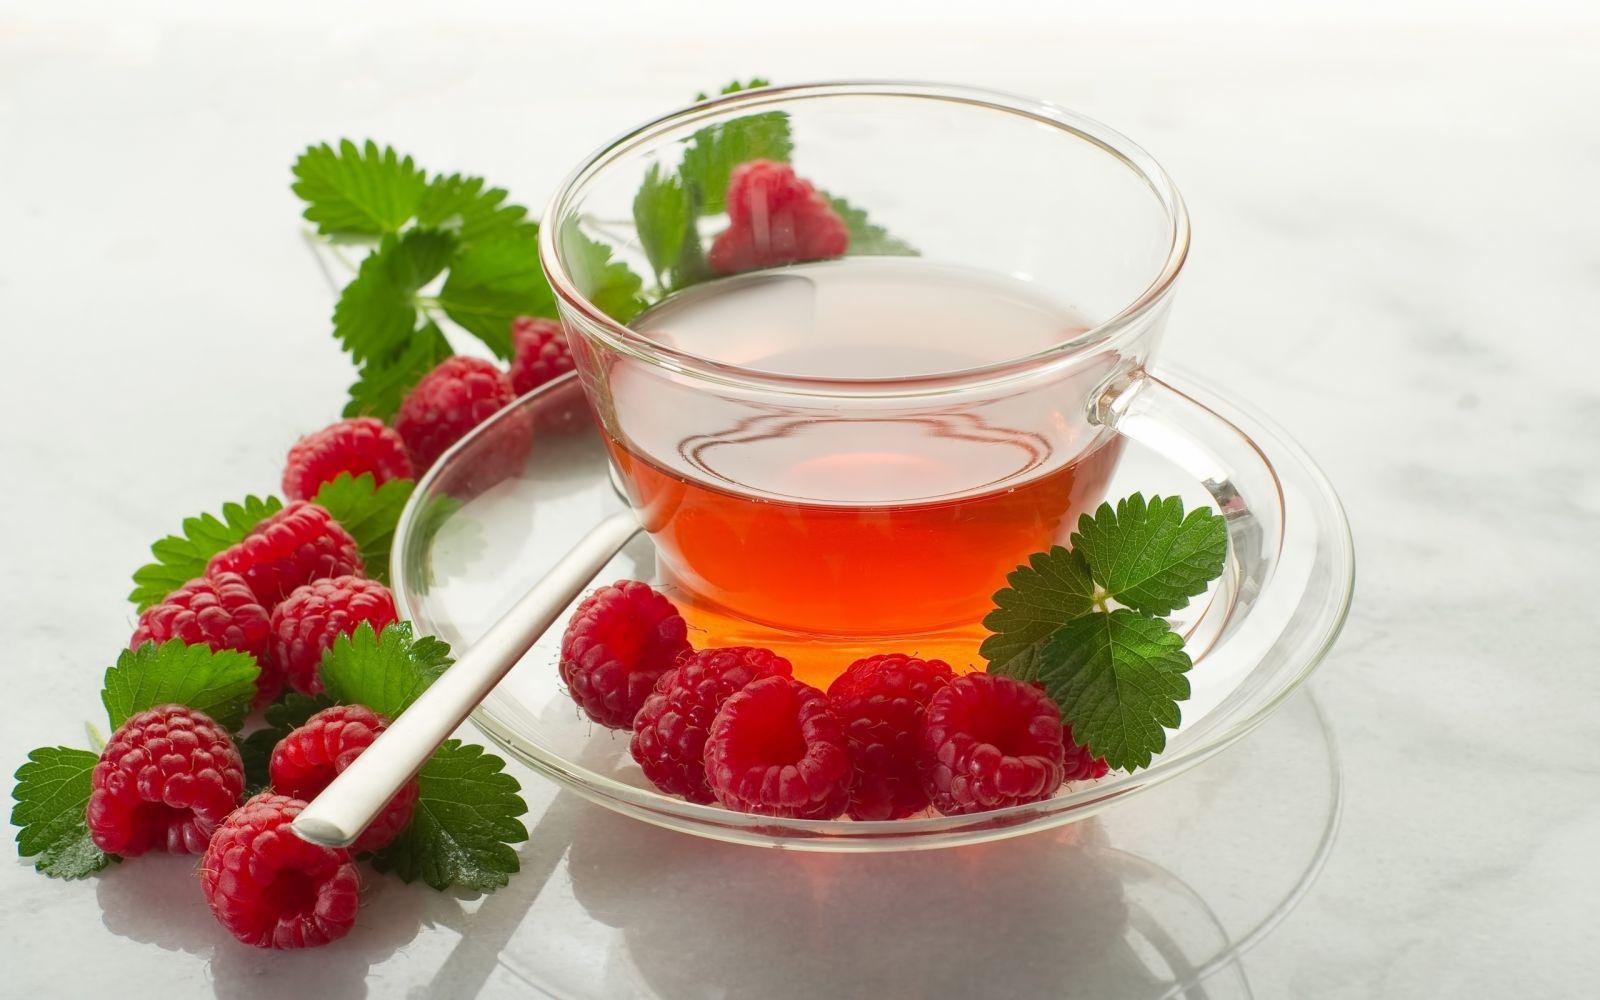 чай с имбирем для похудения когда пить